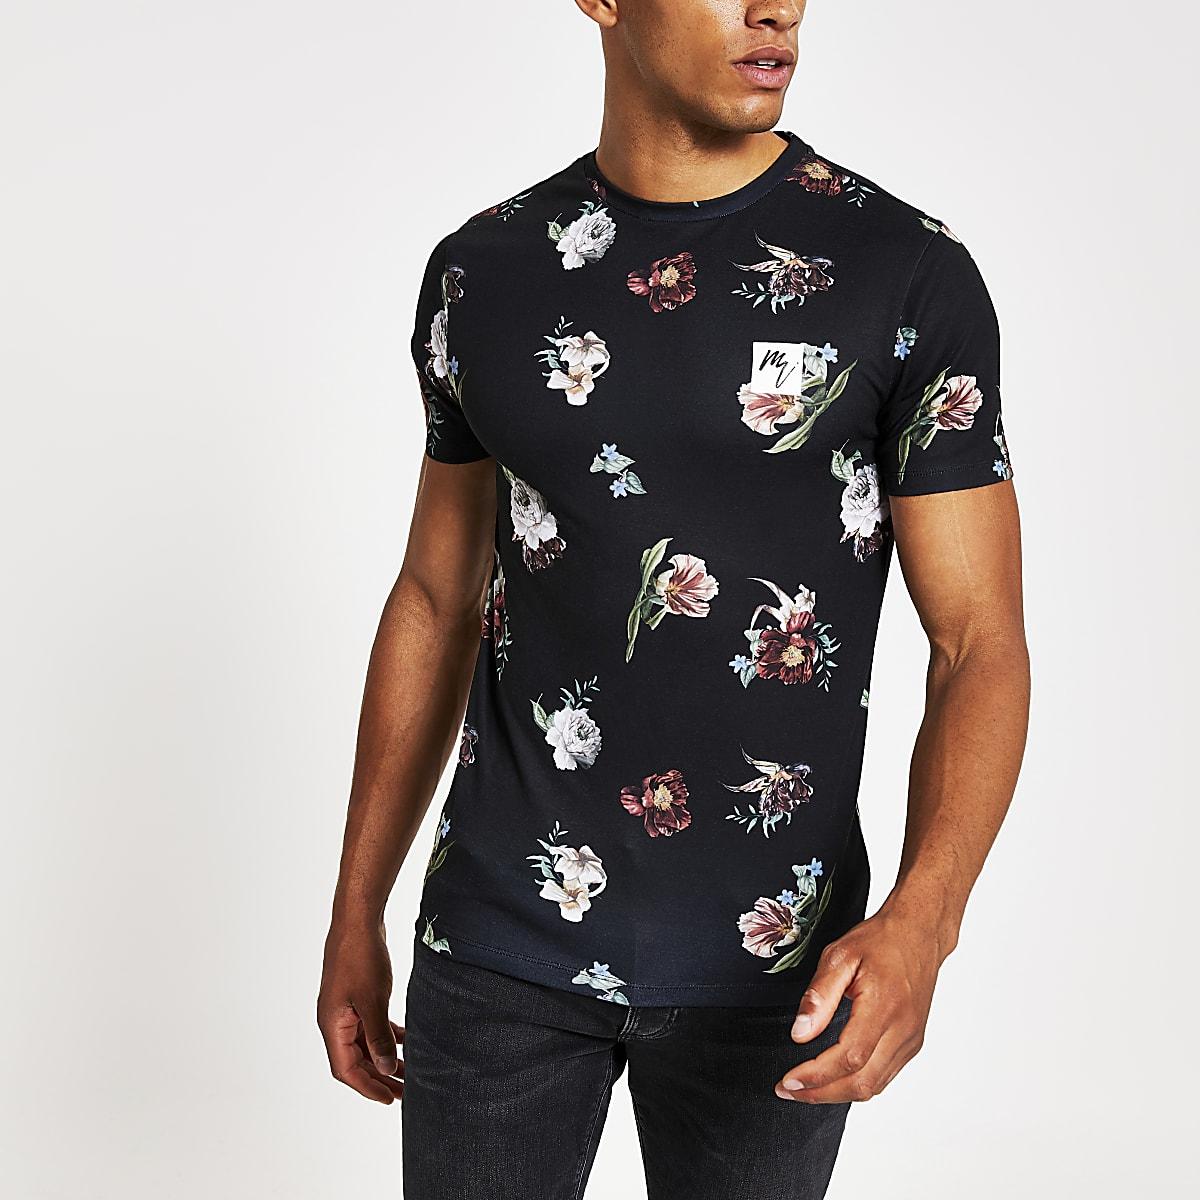 Maison Riviera - Zwartstrak T-shirt metbloemenprint